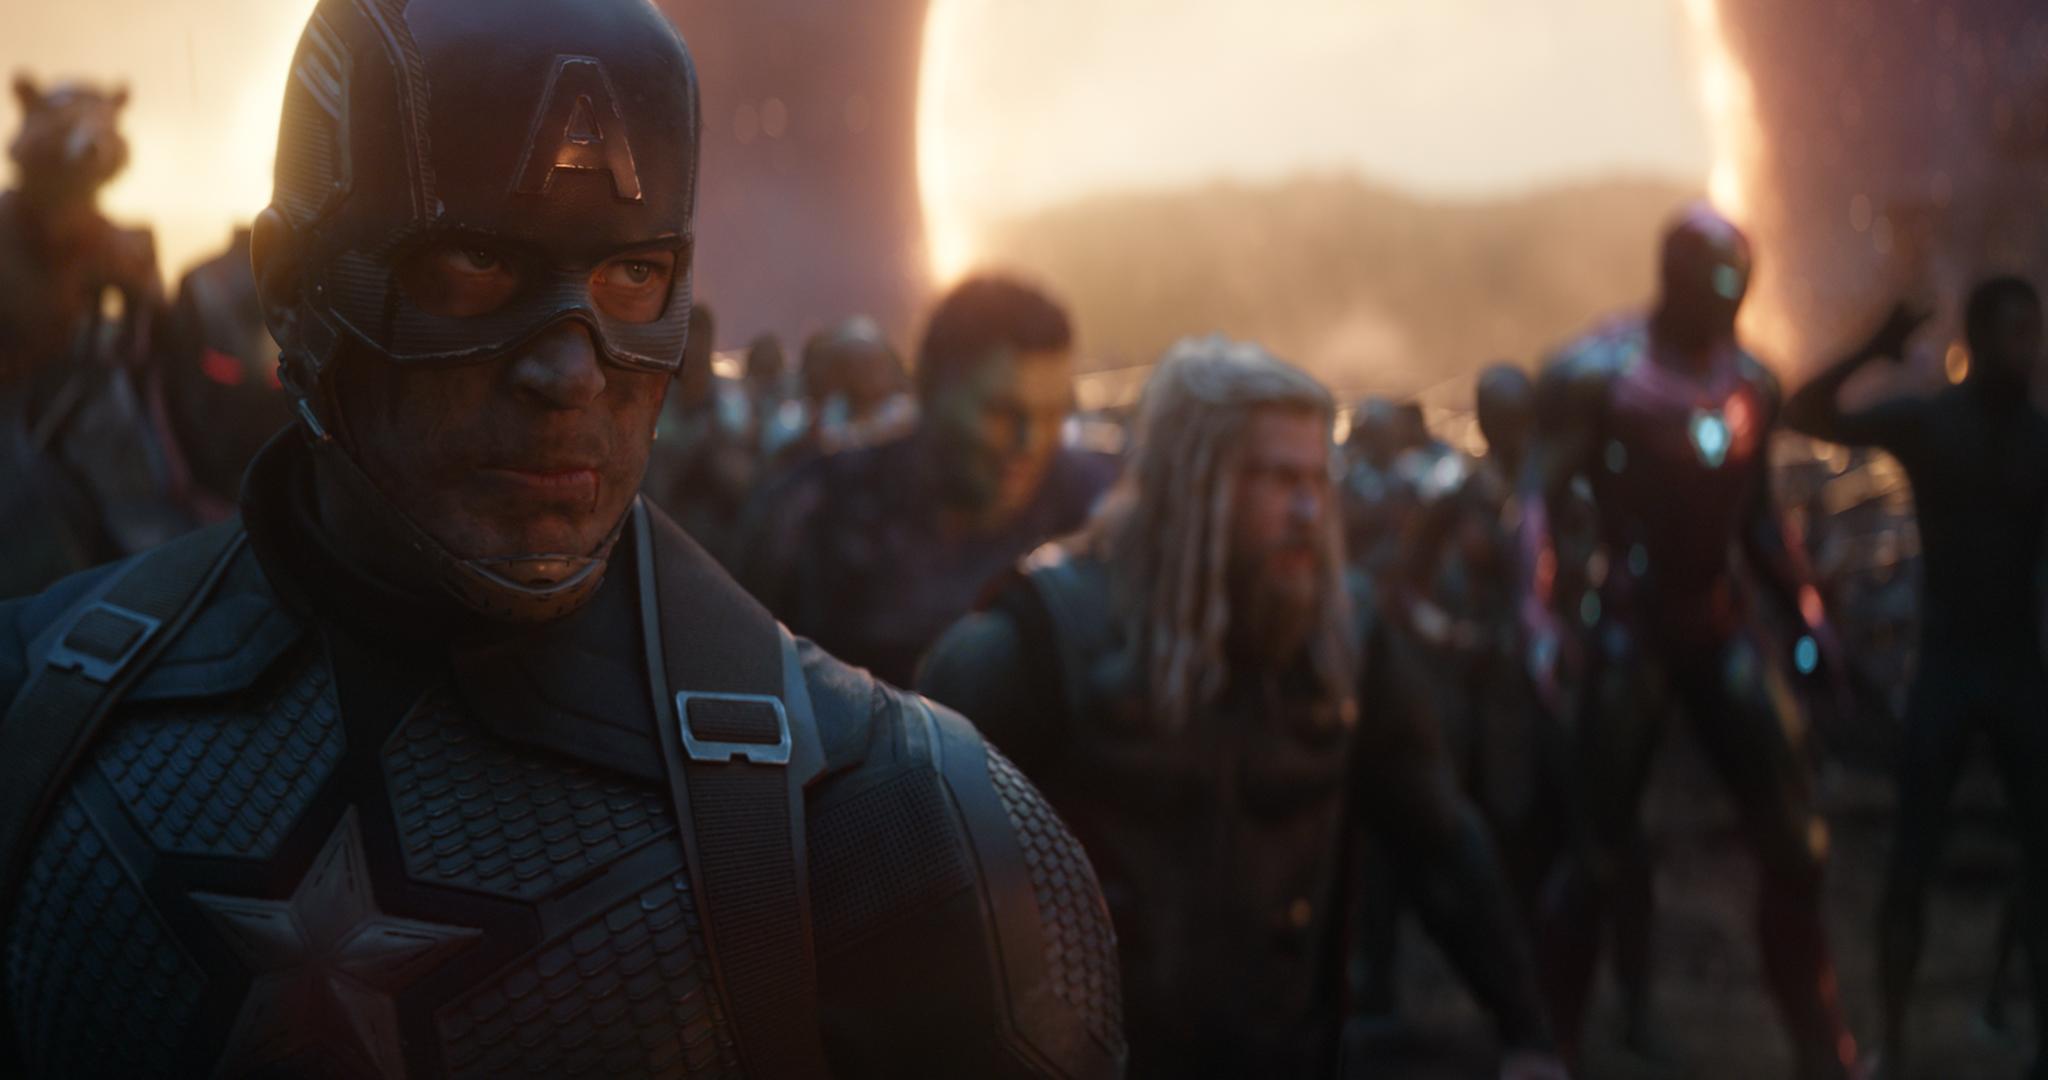 Saturny 2019 - rozdano nagrody. Avengers: Endgame wielkim zwycięzcą